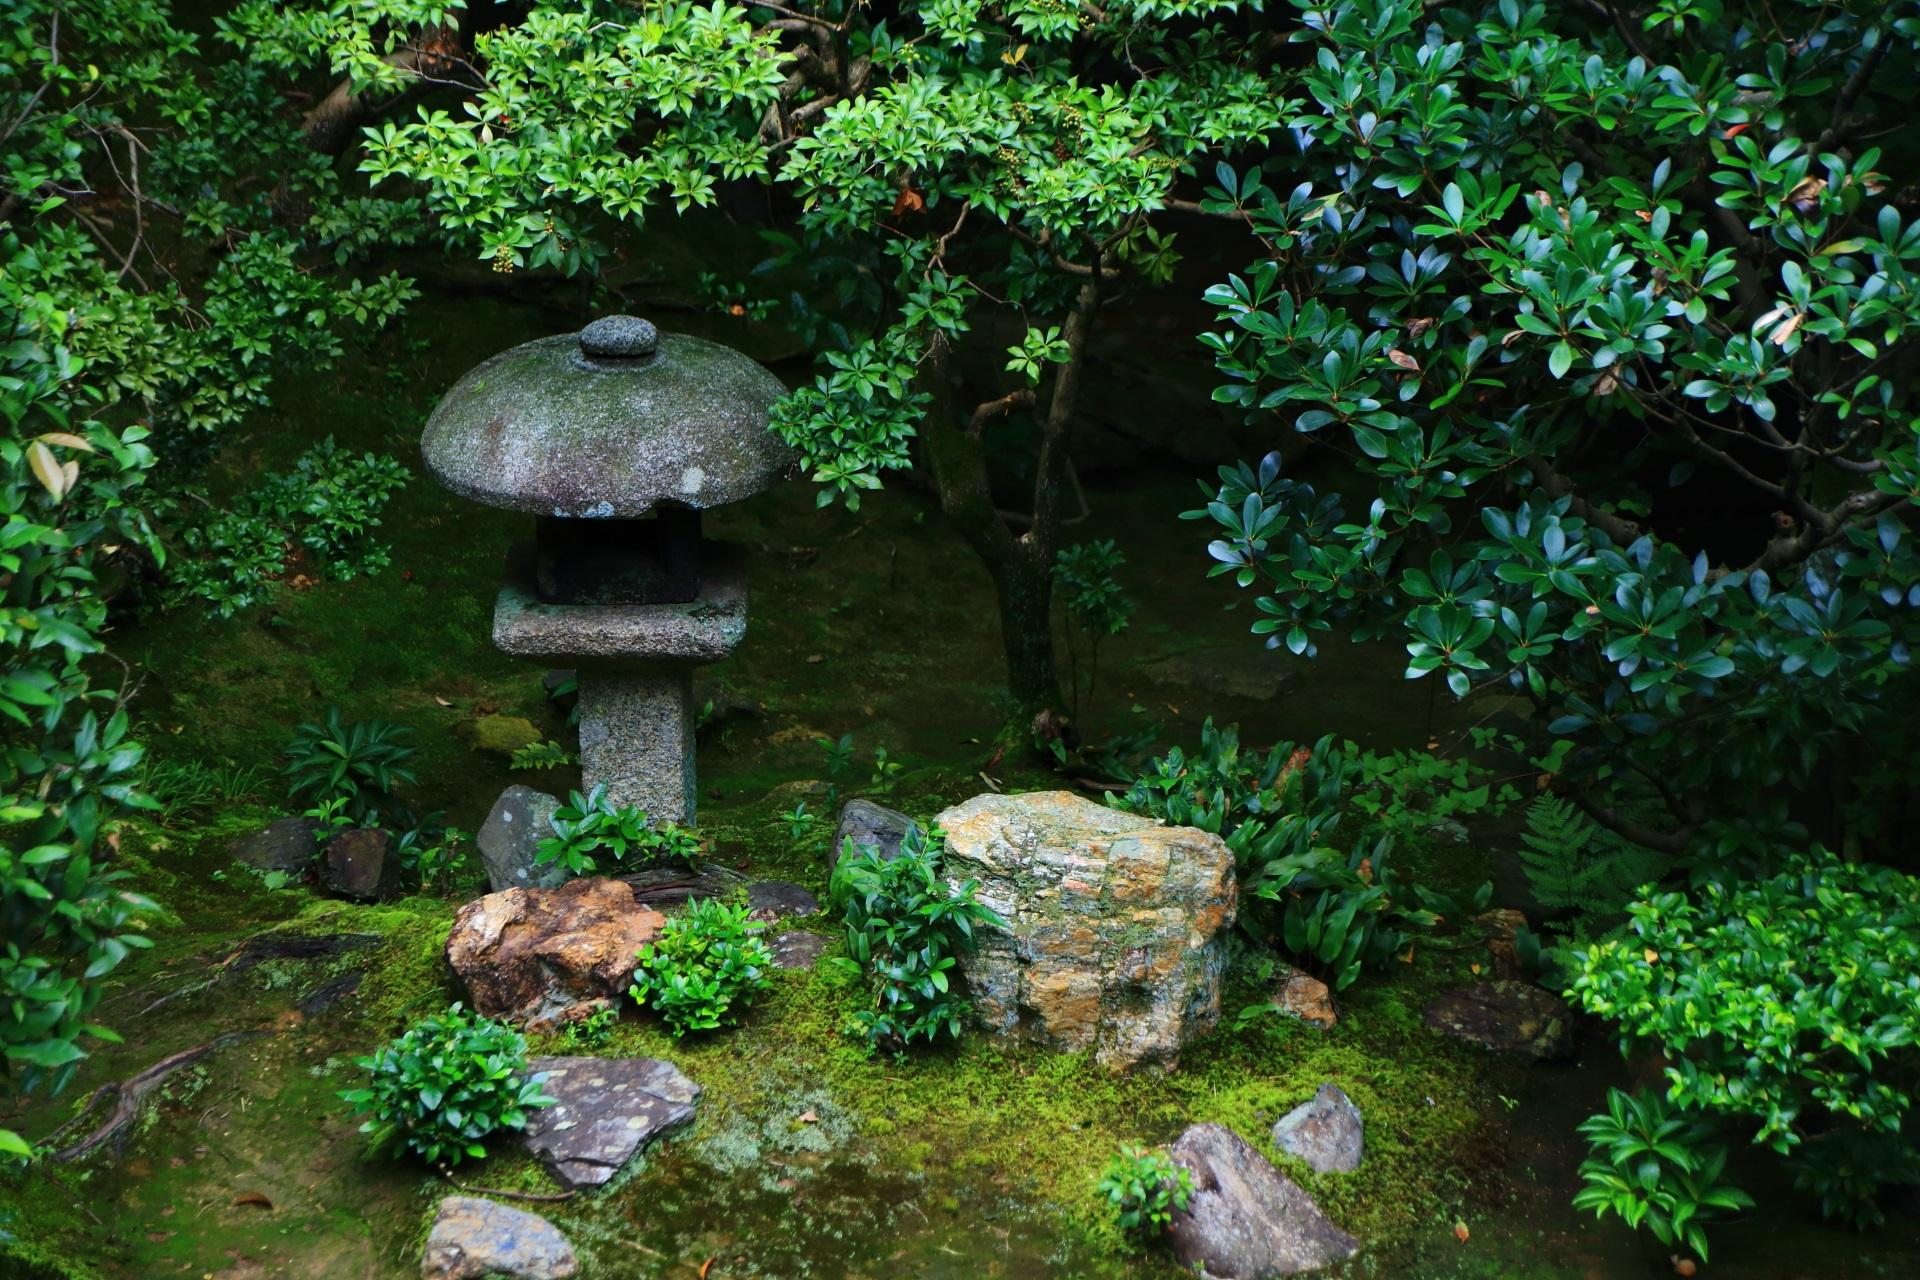 絵になる灯籠と美しい緑や岩